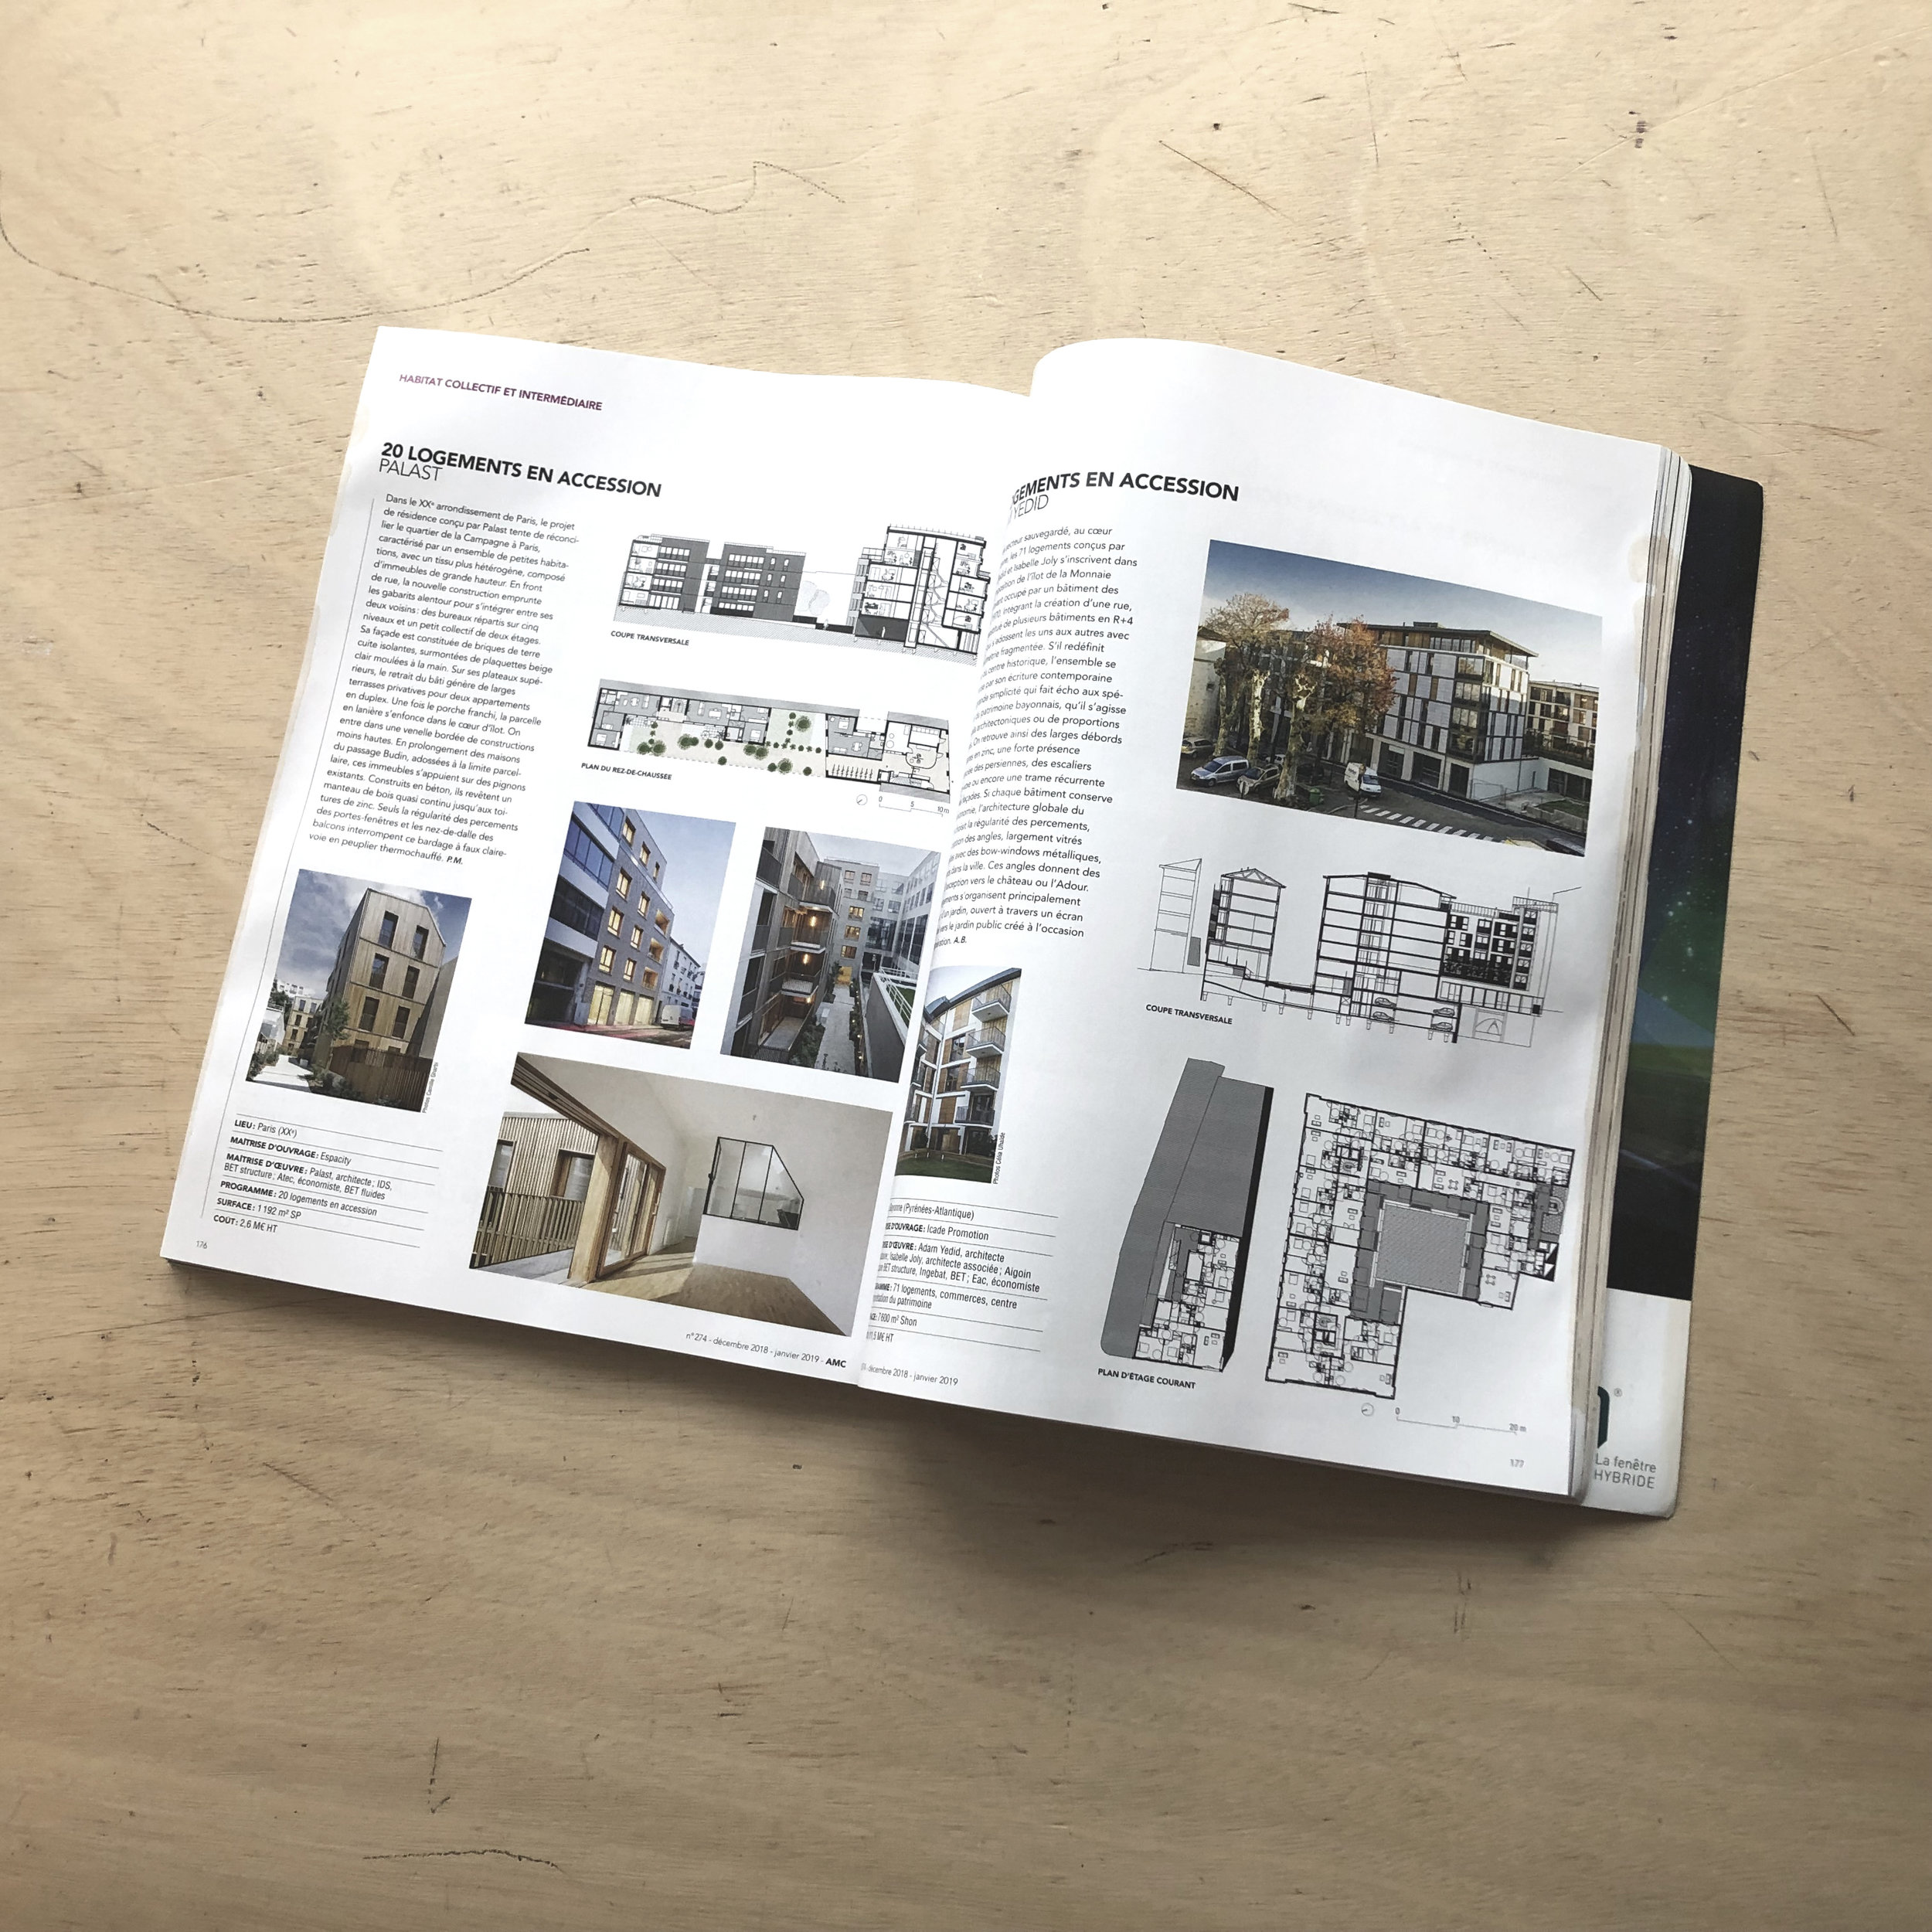 Publication, 20 logements, Paris 20 - Notre projet du 42 rue Alphonse Penaud est sélectionné et publié dans les 100 bâtiments de l'année 2018 du numéro annuel de AMC.